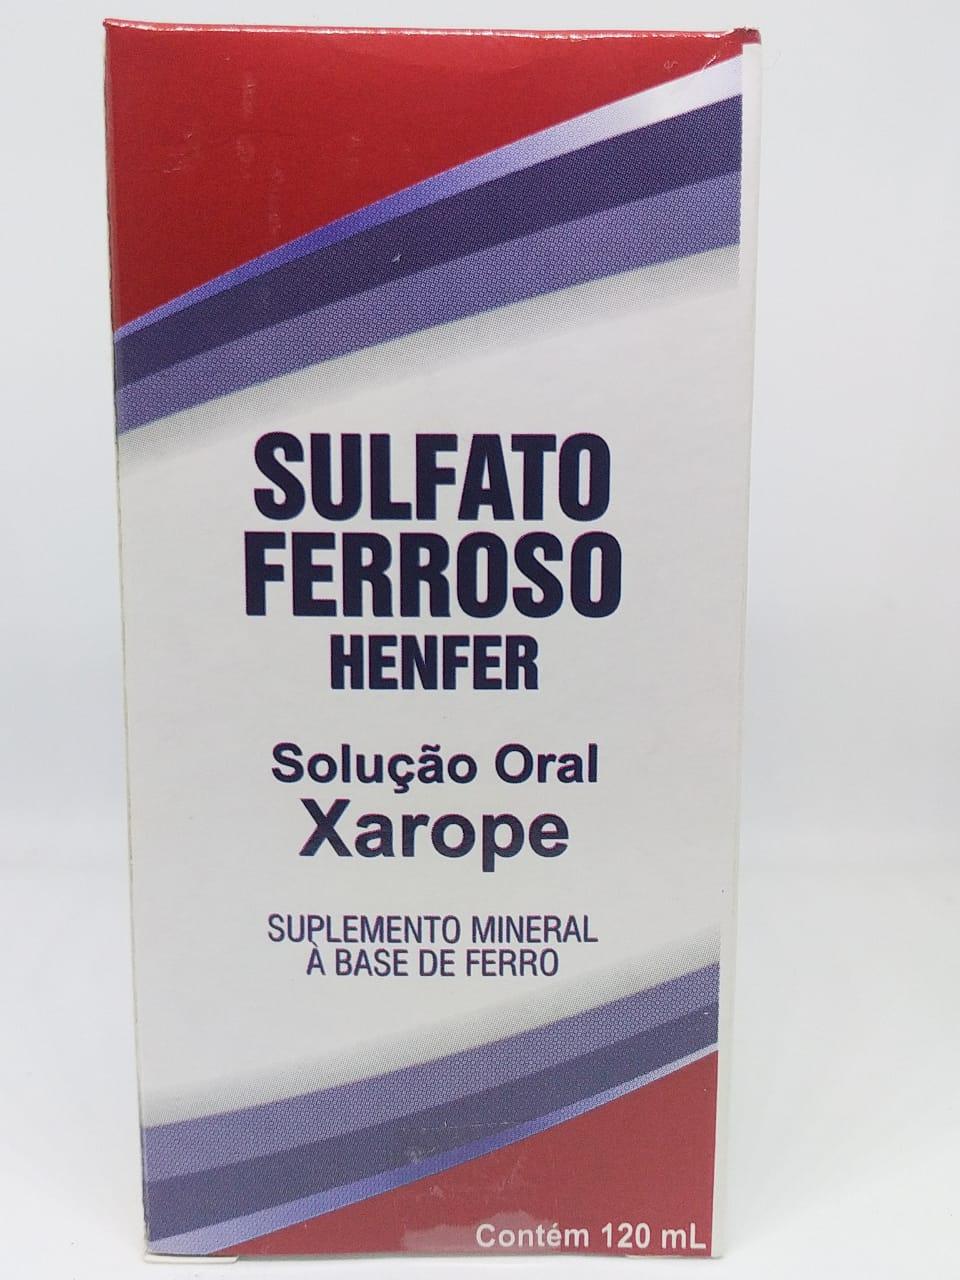 SULFATO FERROSO XAROPE 120ML HENFER